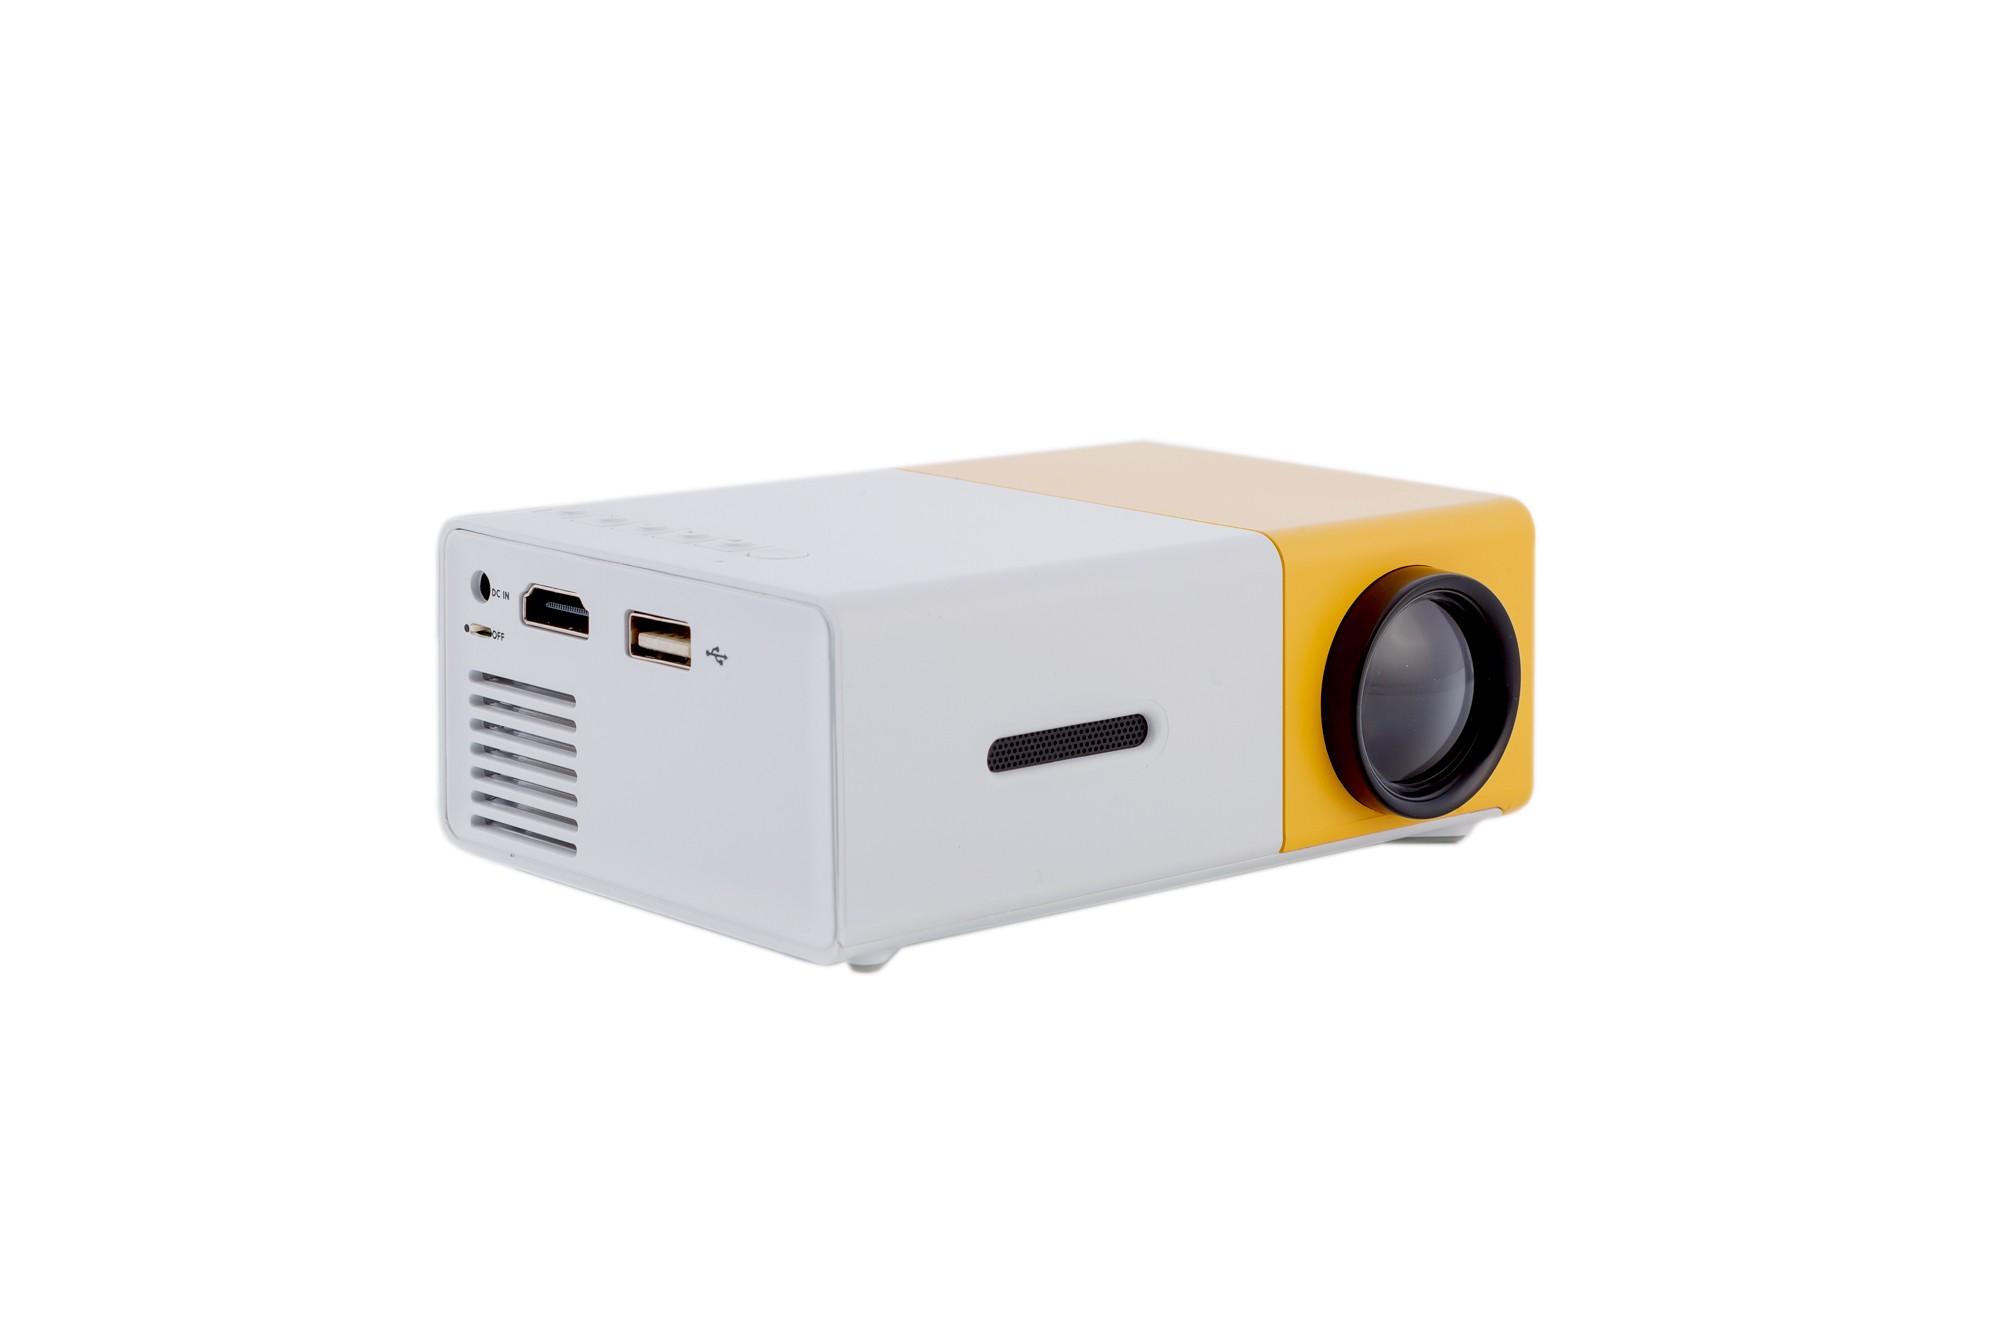 Проектор Led YG300 мультимедийный с динамиком, фото 4